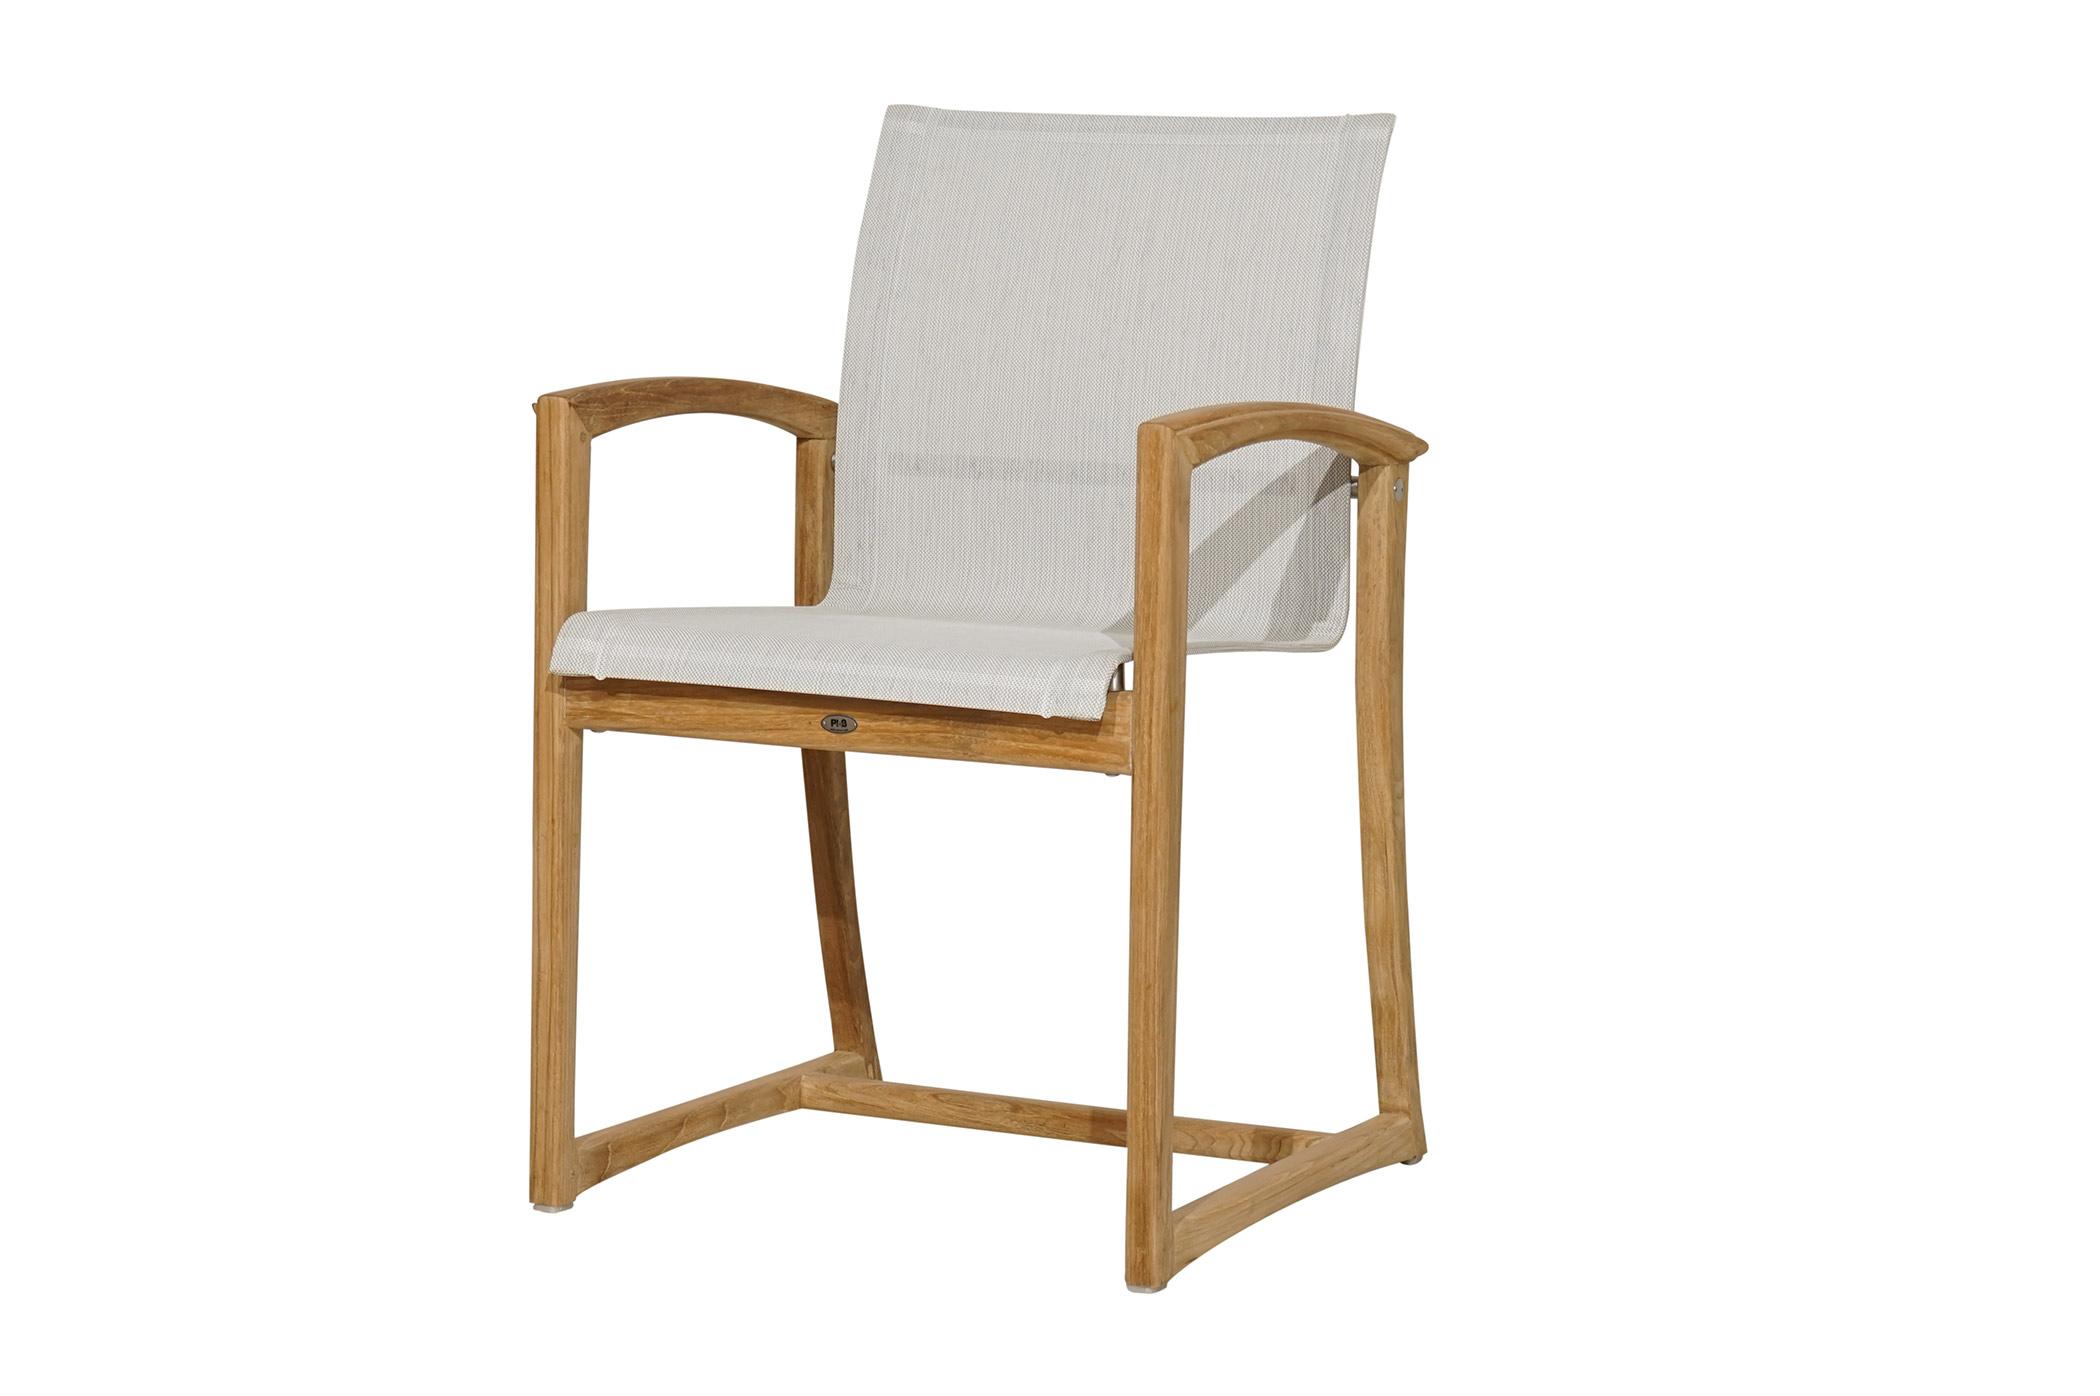 gartenst hle gardanio ihr online shop f r hochwertige gartenm bel. Black Bedroom Furniture Sets. Home Design Ideas